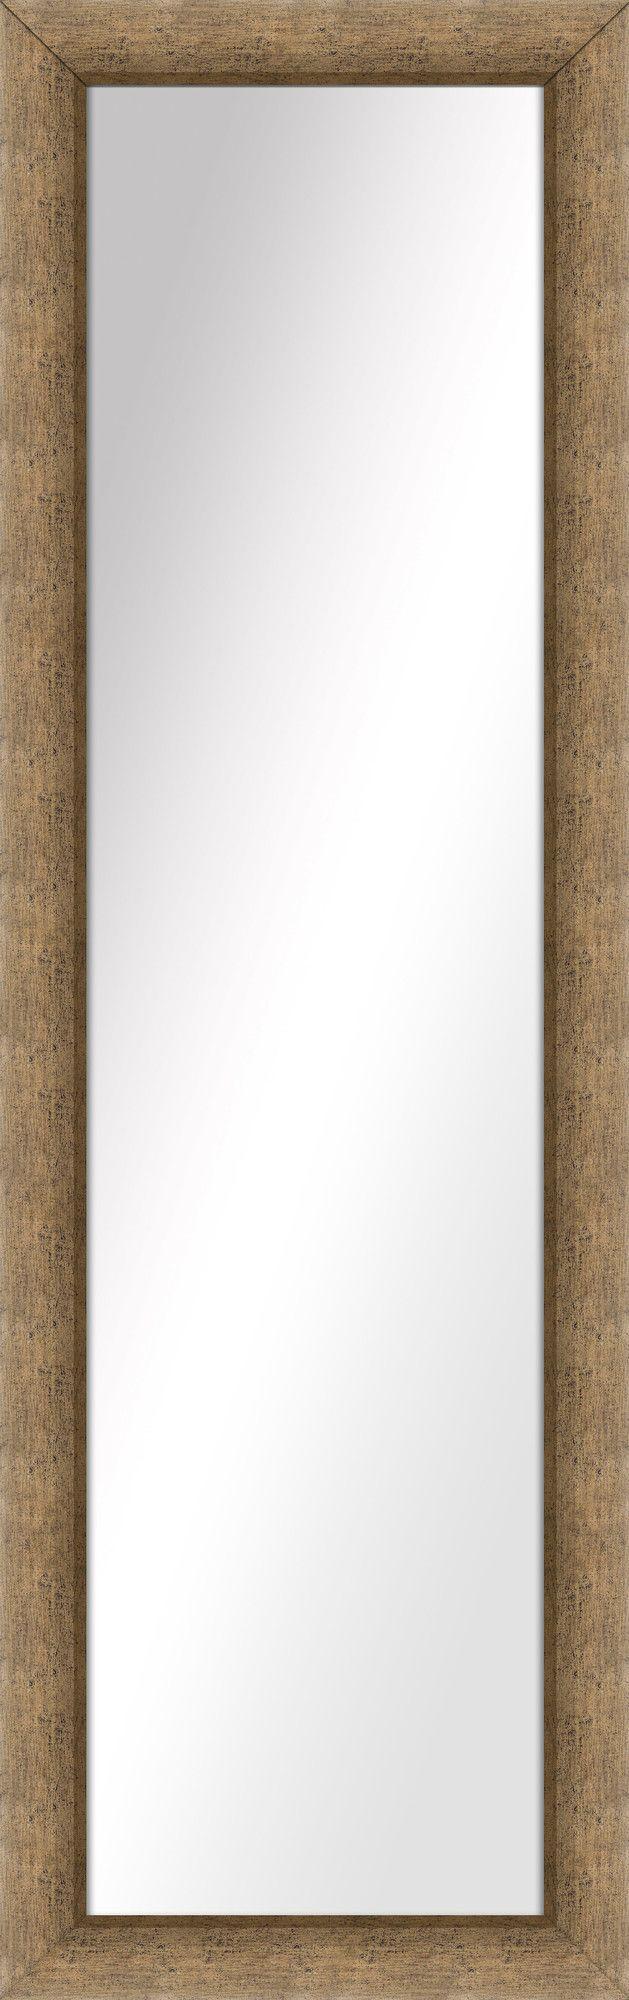 Over The Door Mirrors 25 Ide Terbaik Tentang Over The Door Mirror Di Pinterest Lobbies